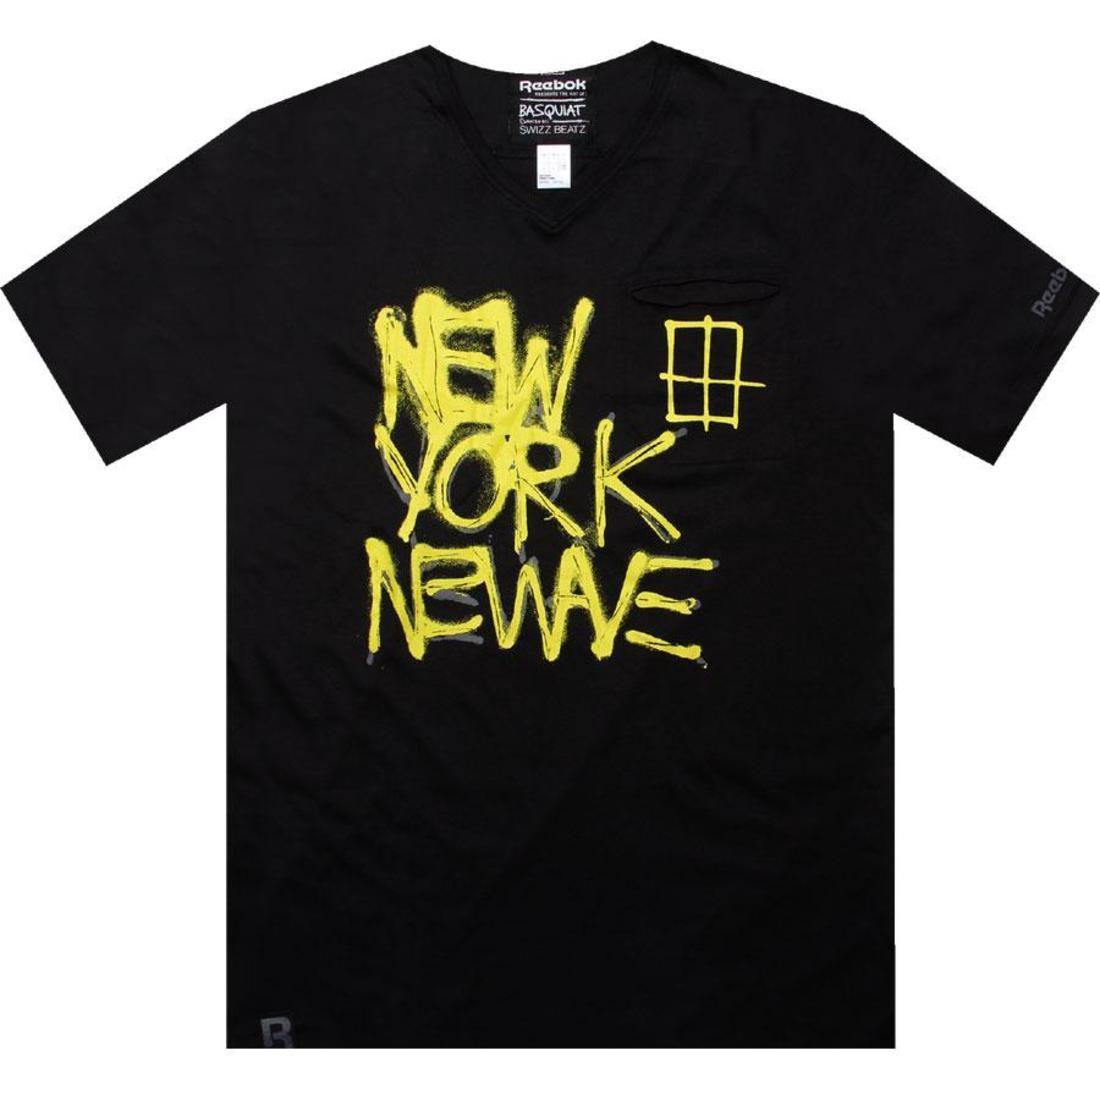 【海外限定】リーボック ウェーブ ウェイブ Tシャツ カットソー メンズファッション 【 REEBOK WAVE AFFILIART NEW TEE BASQUIAT BLACK 】